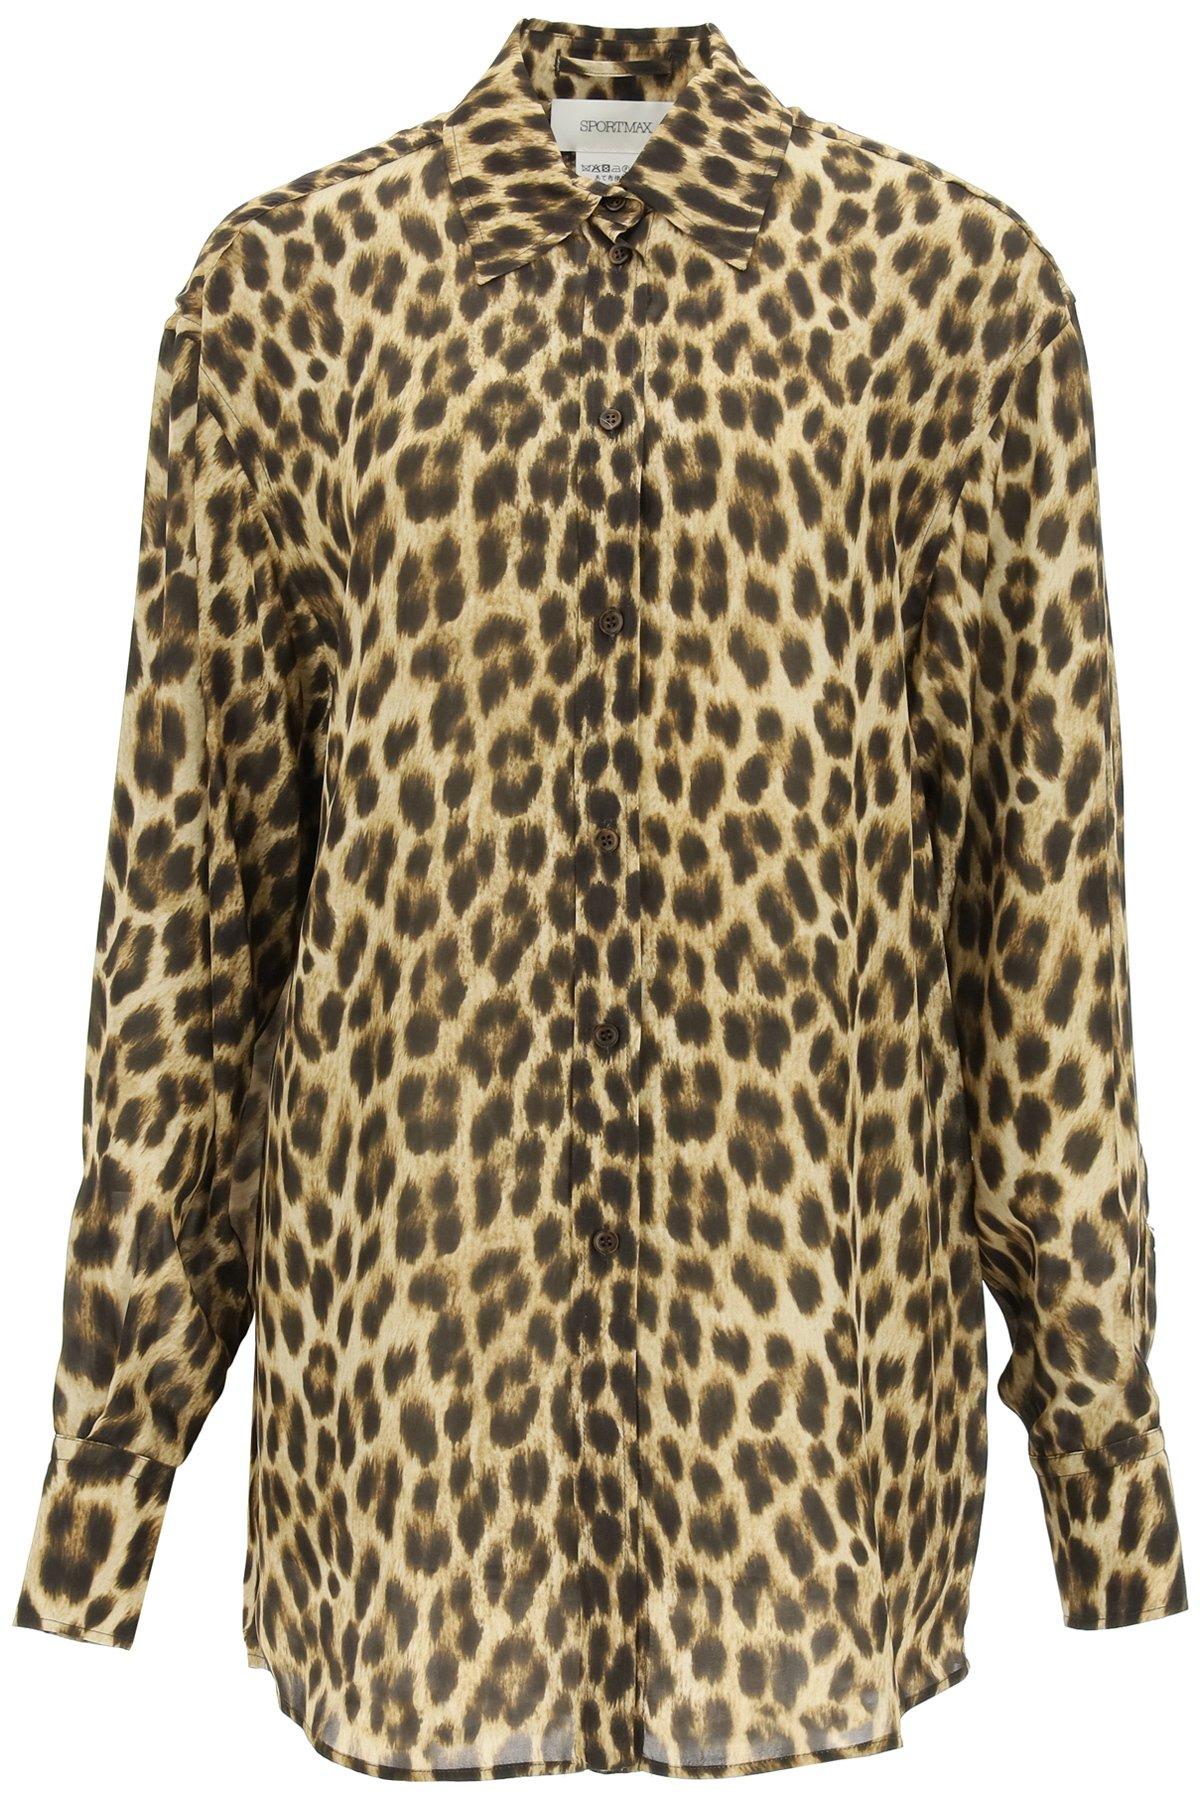 Sportmax camicia stampa leopardo